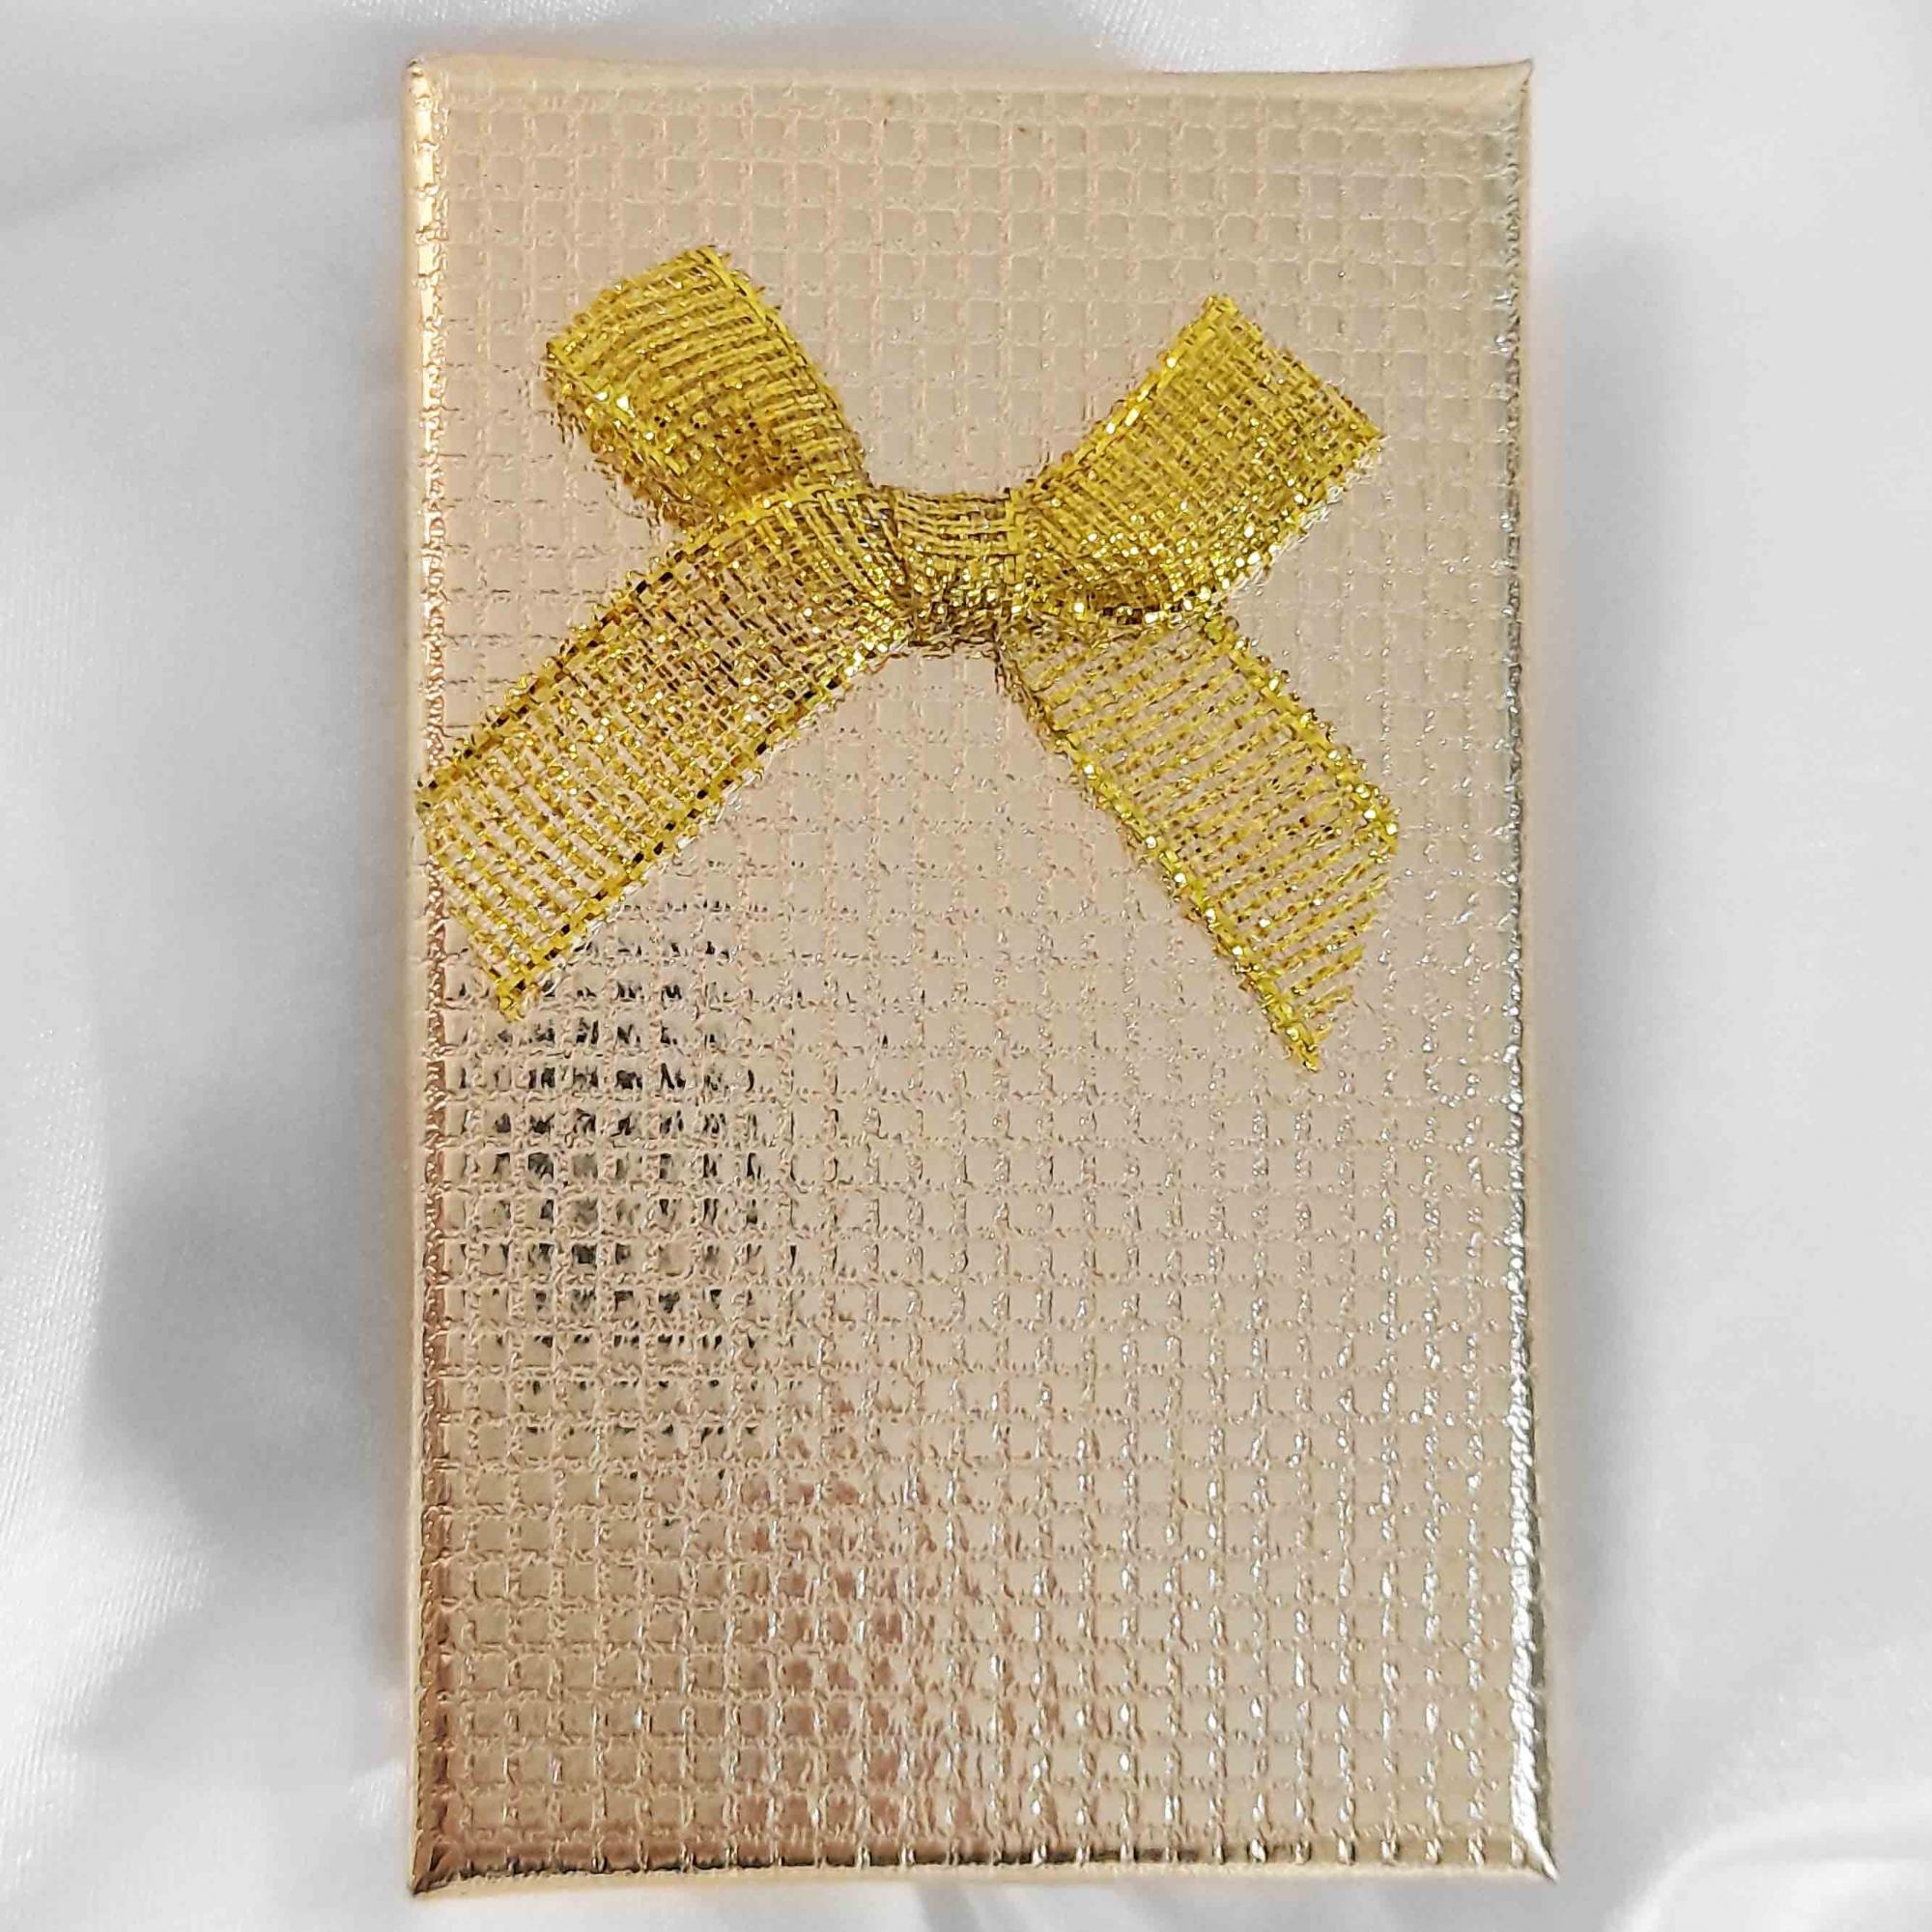 Conjunto Gota Pedra Lapidada Folheado a Ouro 18K + Caixa  - Lunozê Joias